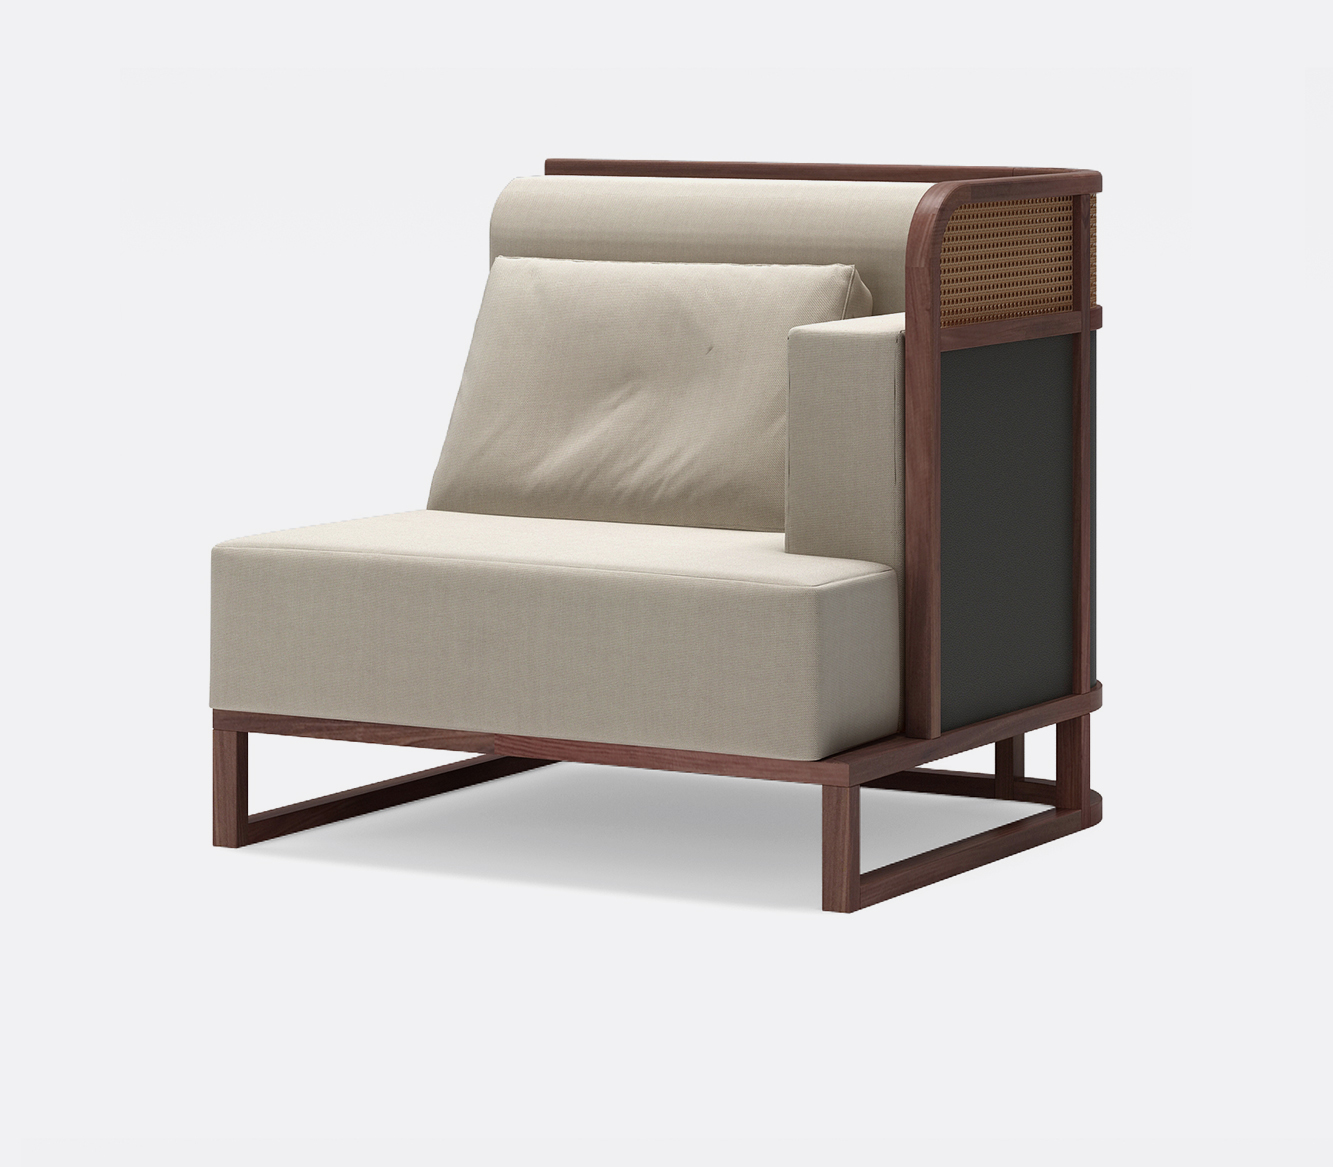 组合沙发 Modular sofa  Y-53c1 / c2